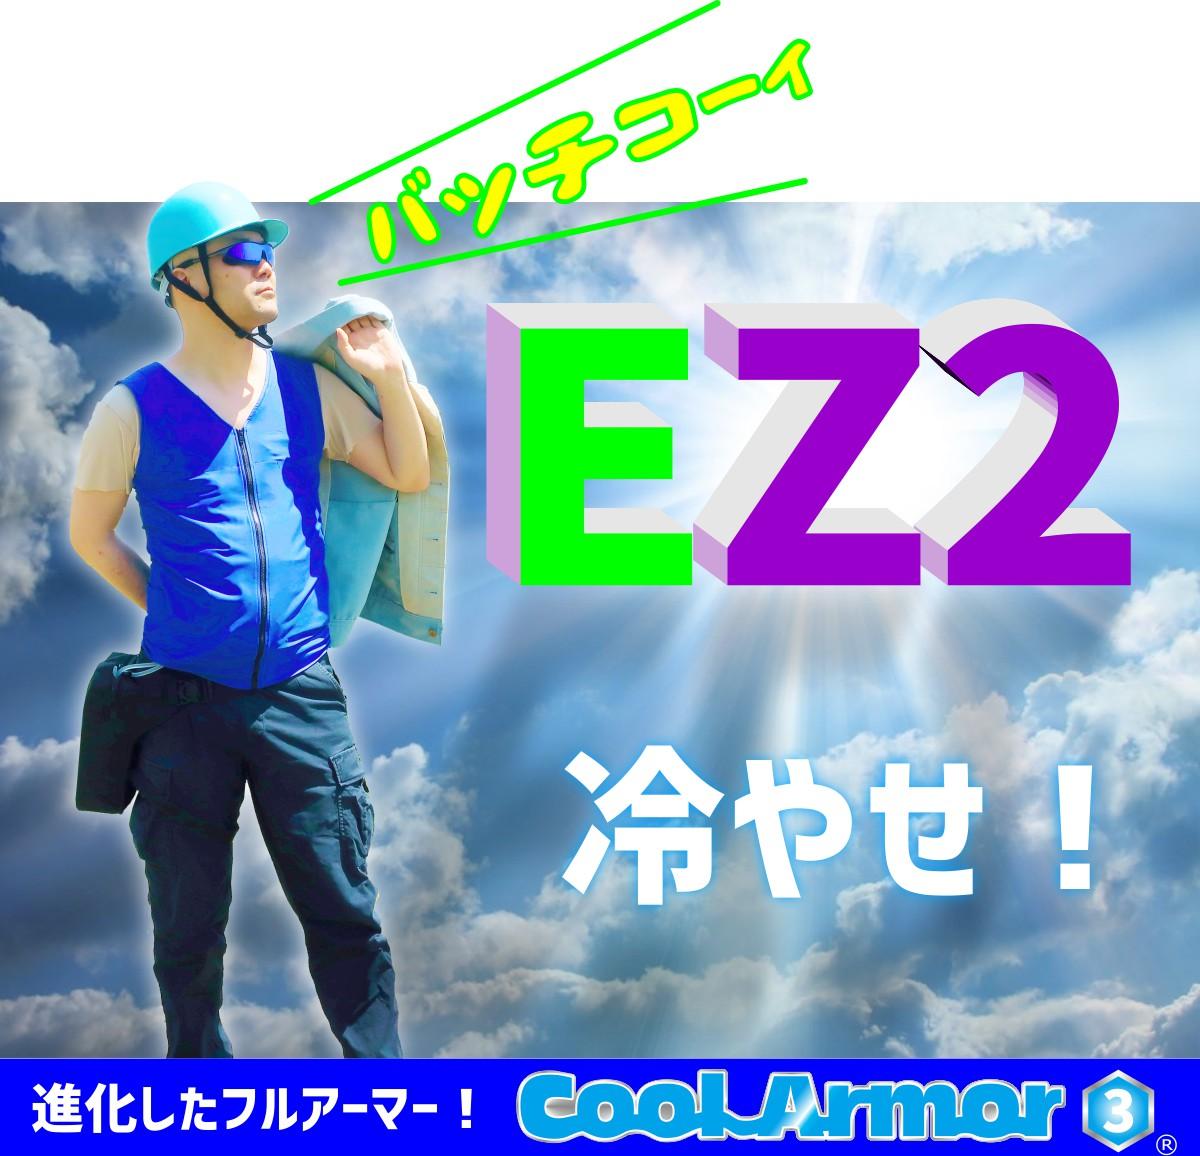 熱中症対策人間エアコンフルボディ冷却着衣ベスト型水冷服(下着)サラリーマンエアコンCoolArmor CA3 EZ2(単品)